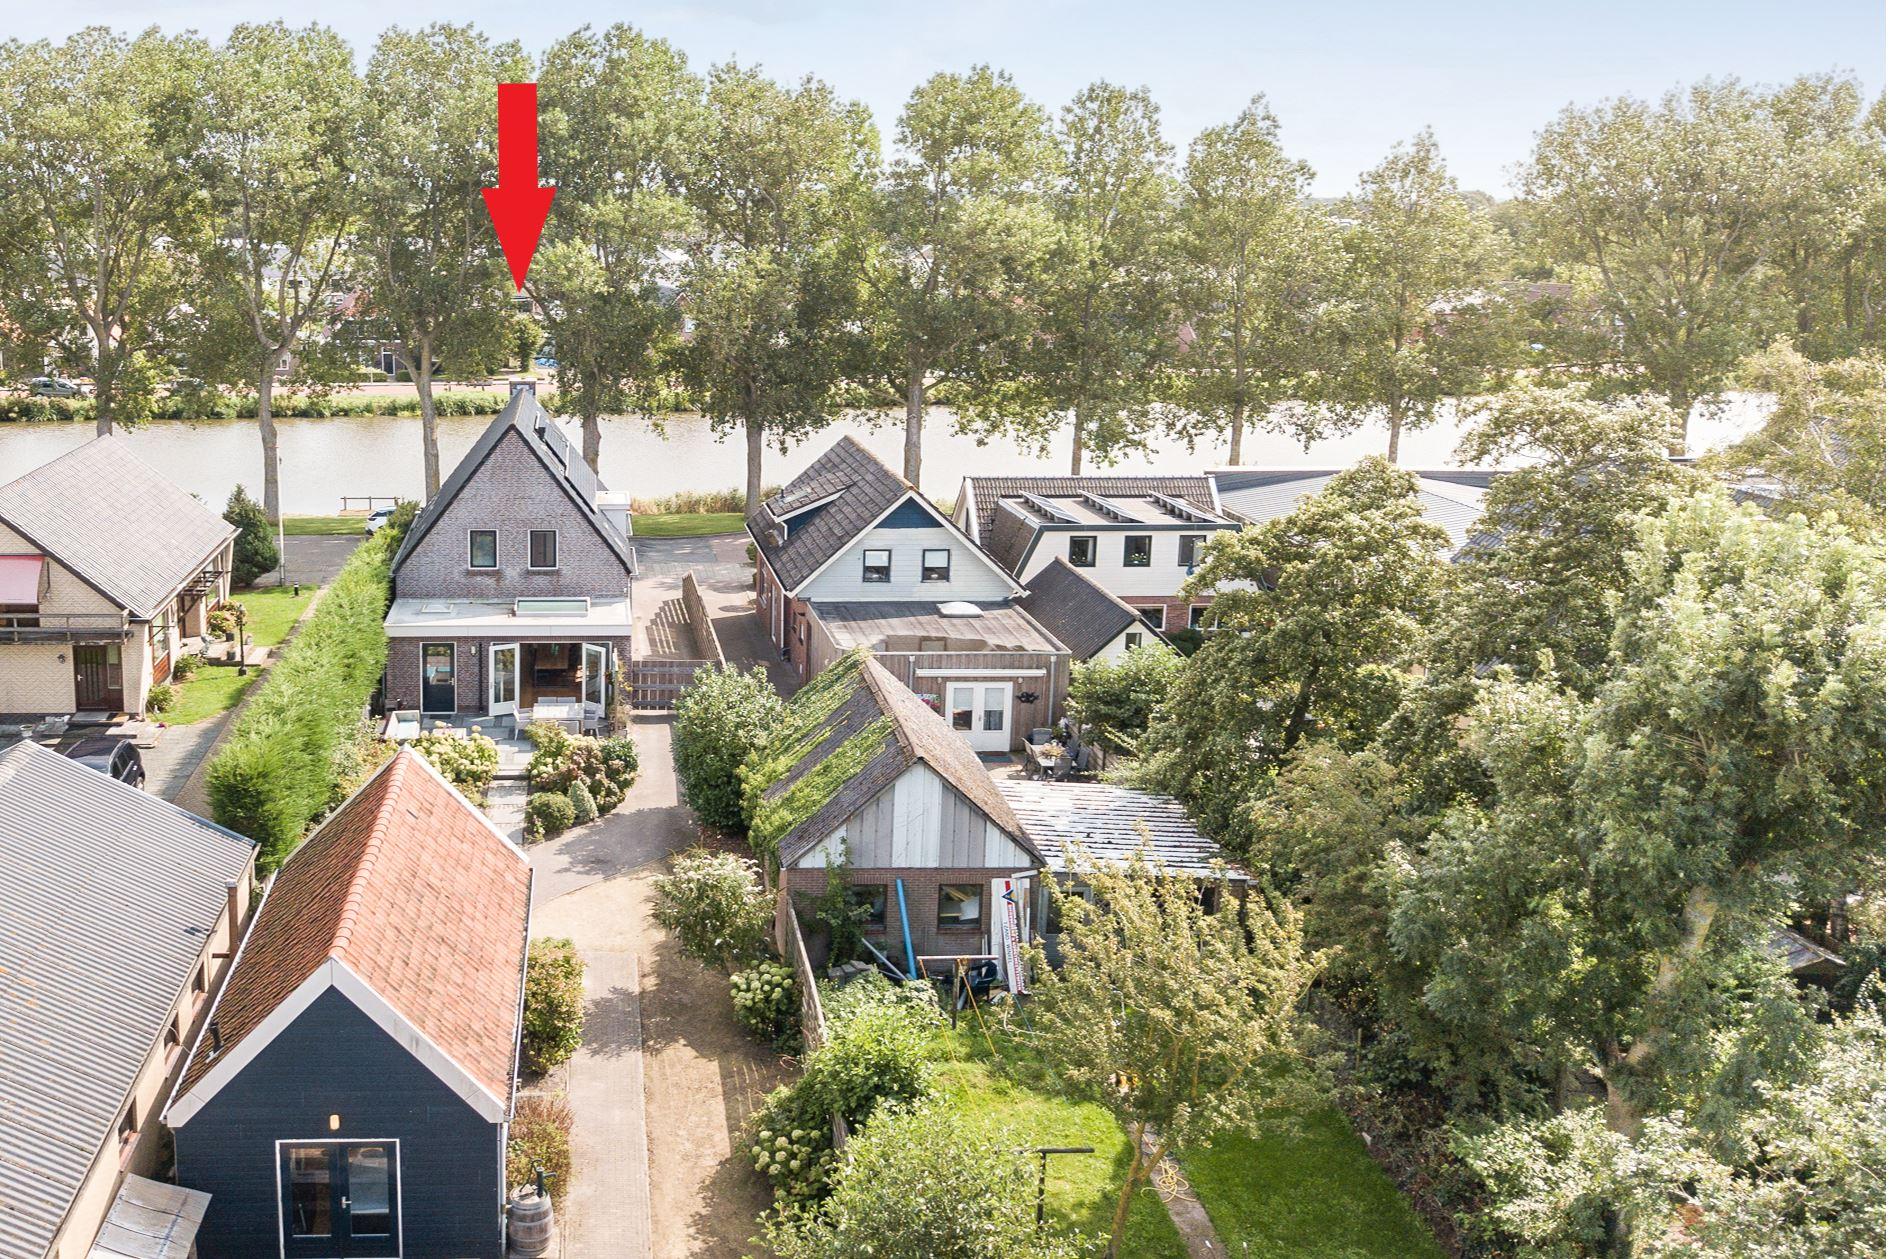 House for sale oude rijksweg en t zand funda